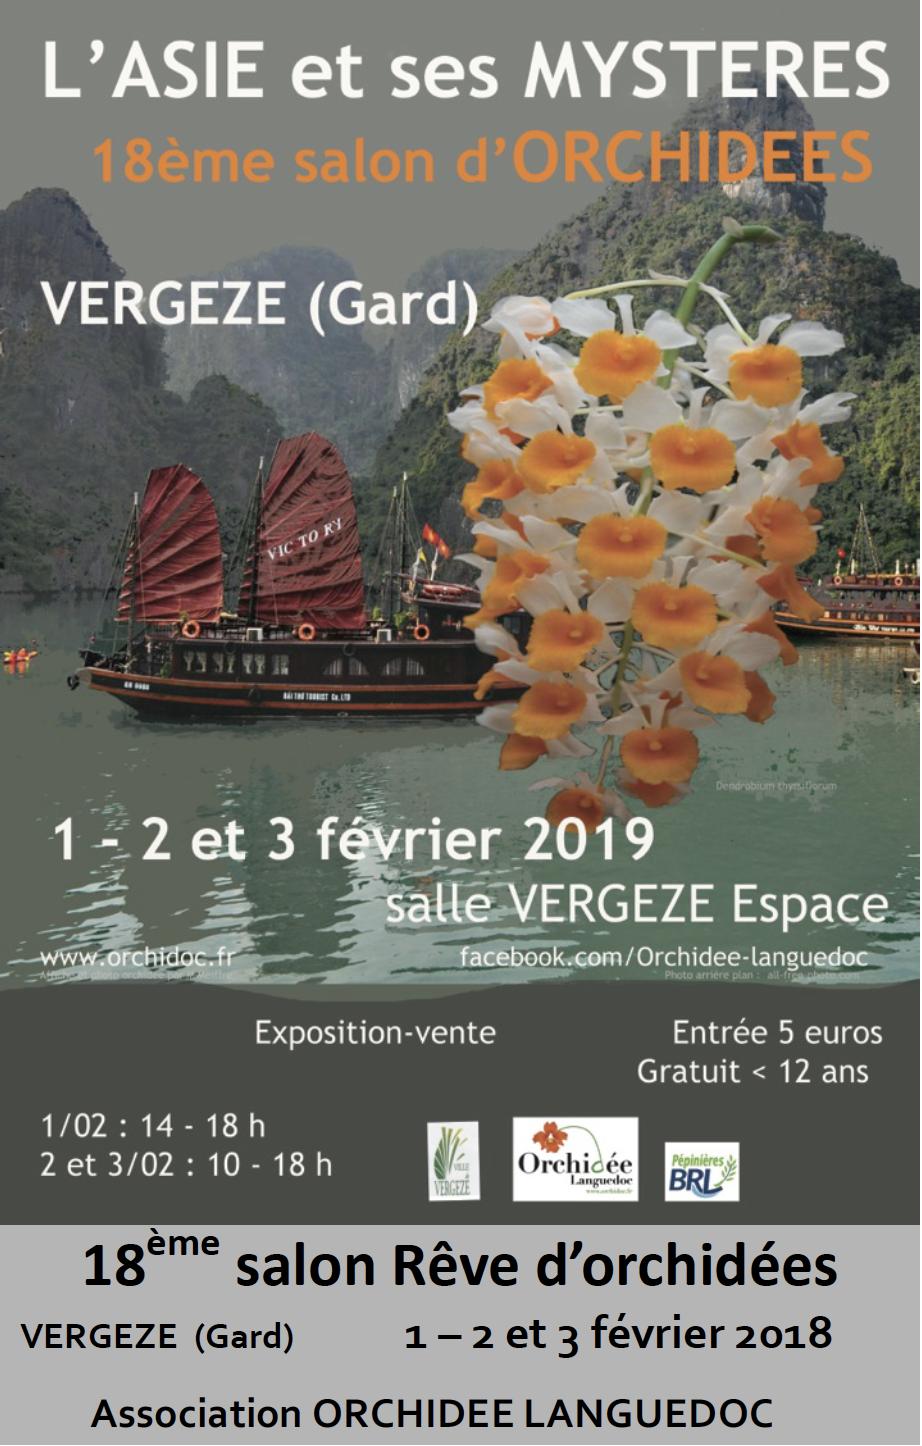 Exposition Vergèze 2019 orchidées vente Gard Nîmes